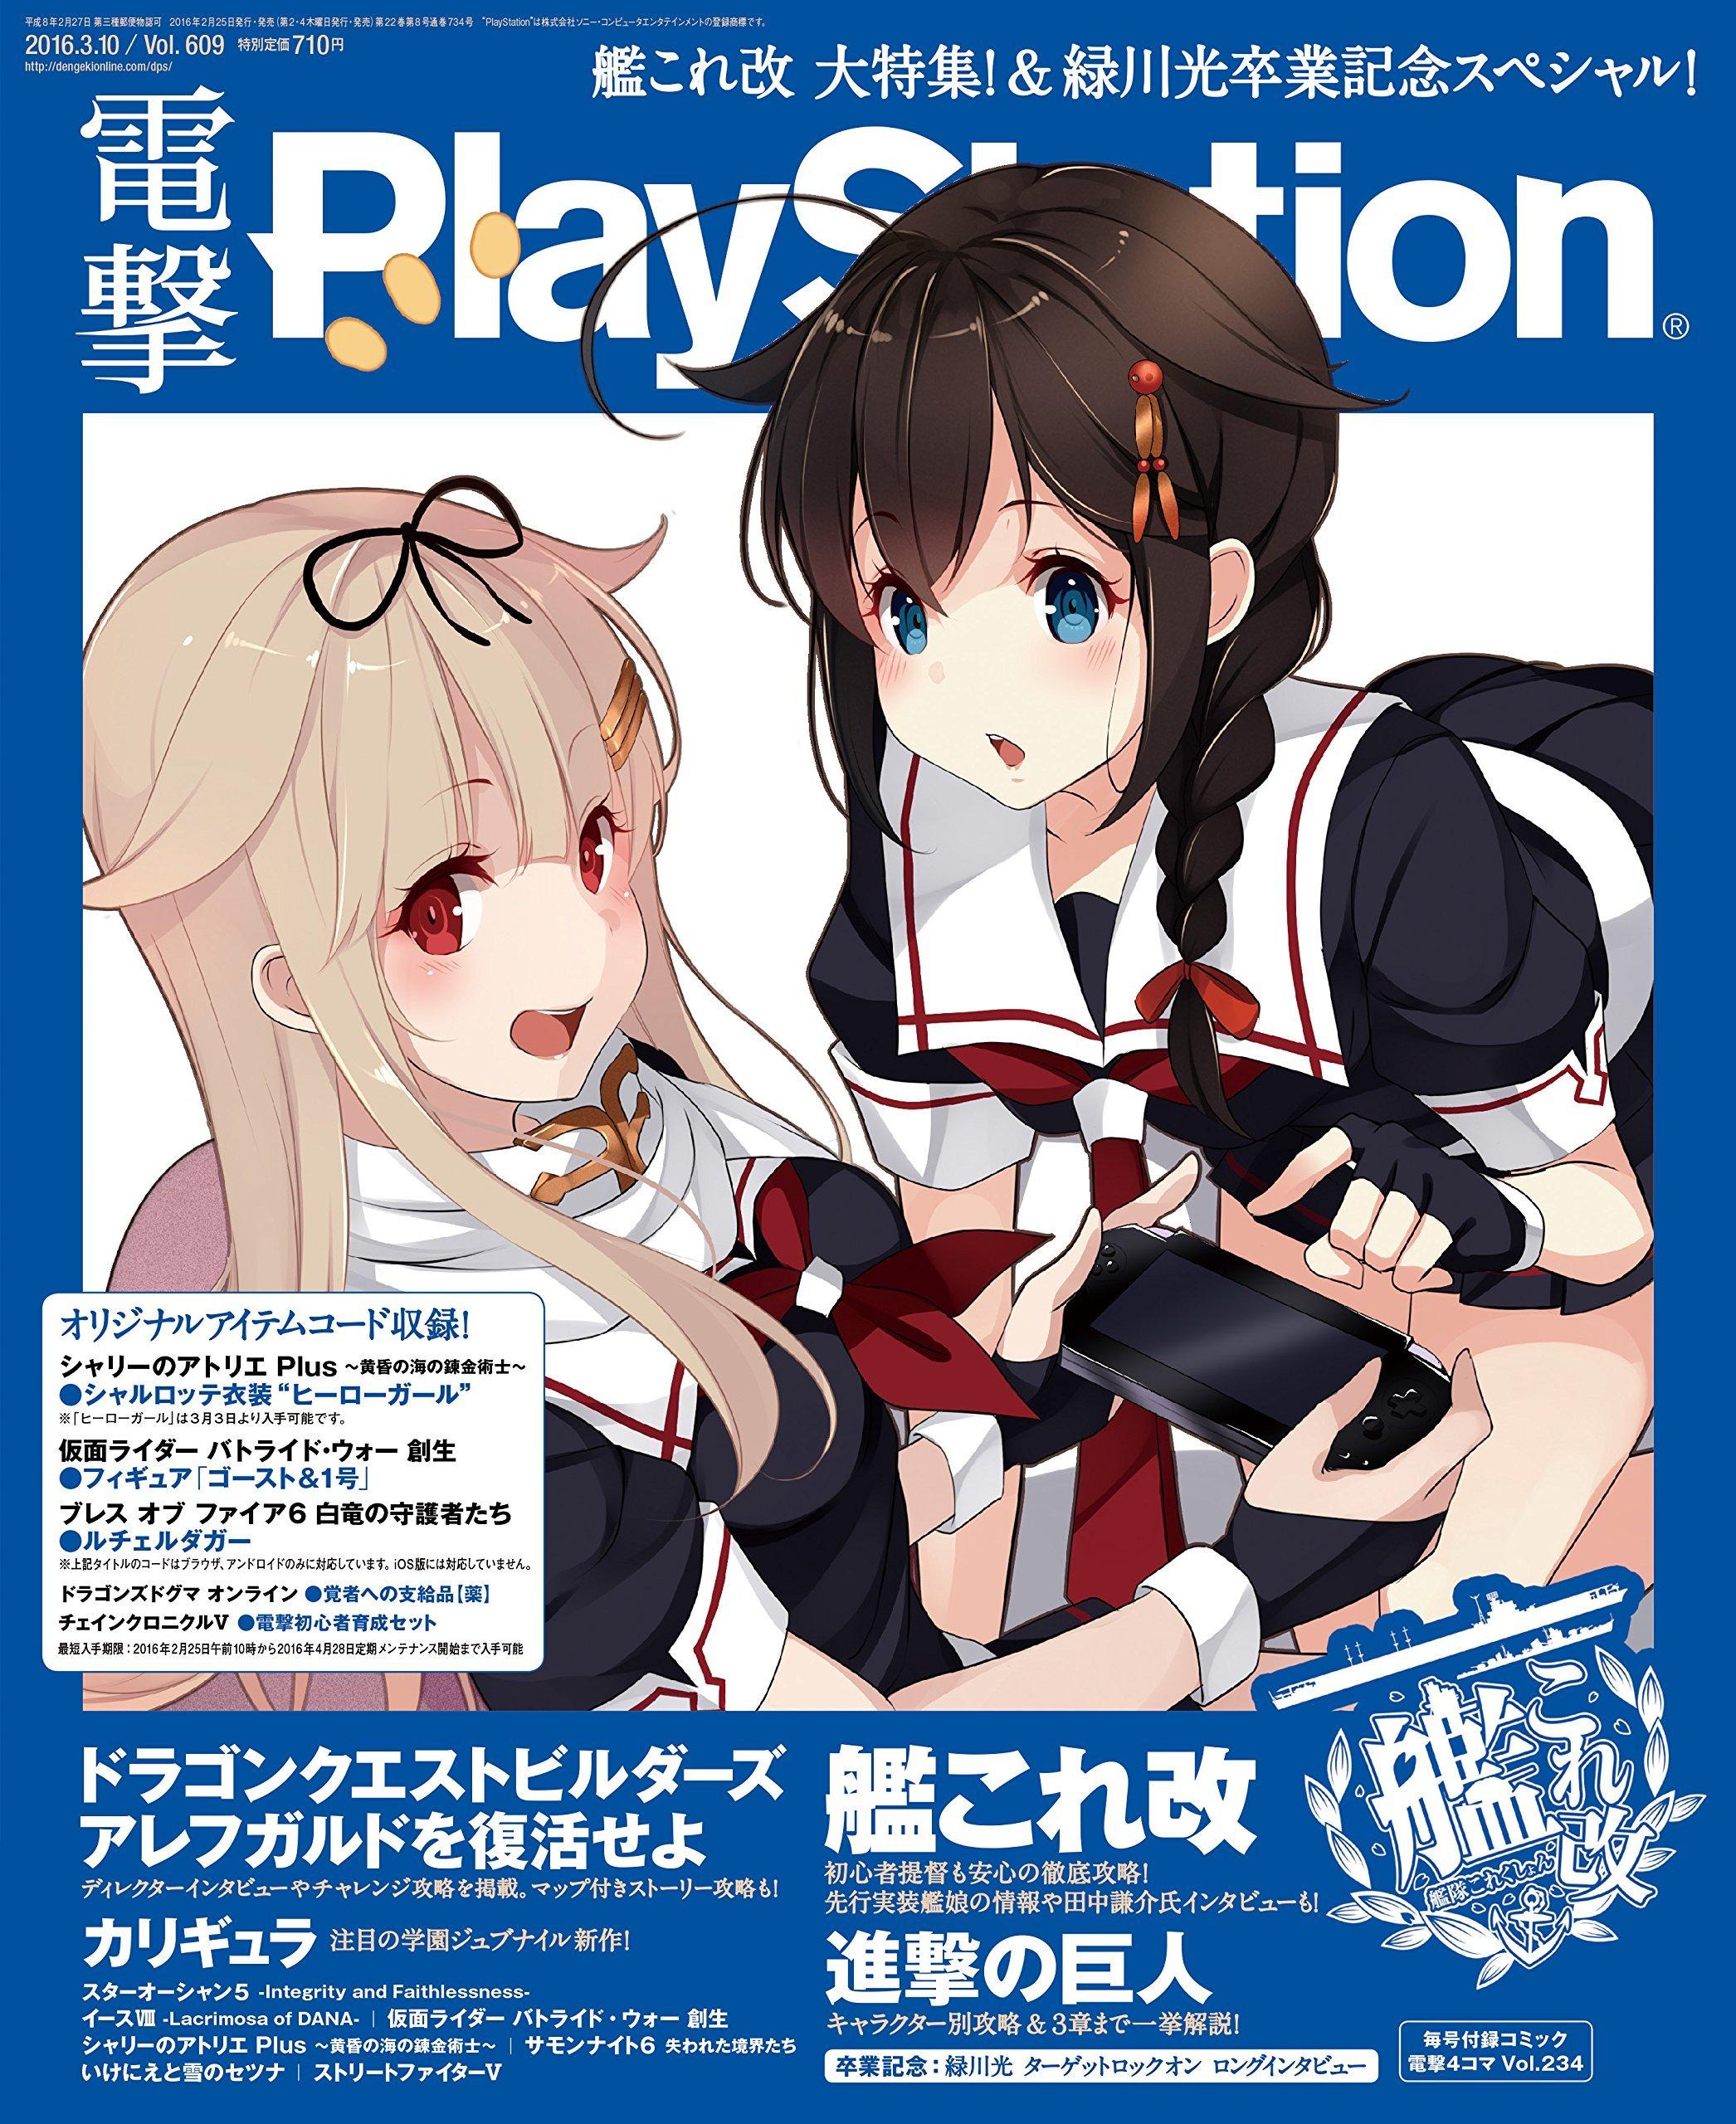 Dengeki PlayStation 609 (March 10, 2016)